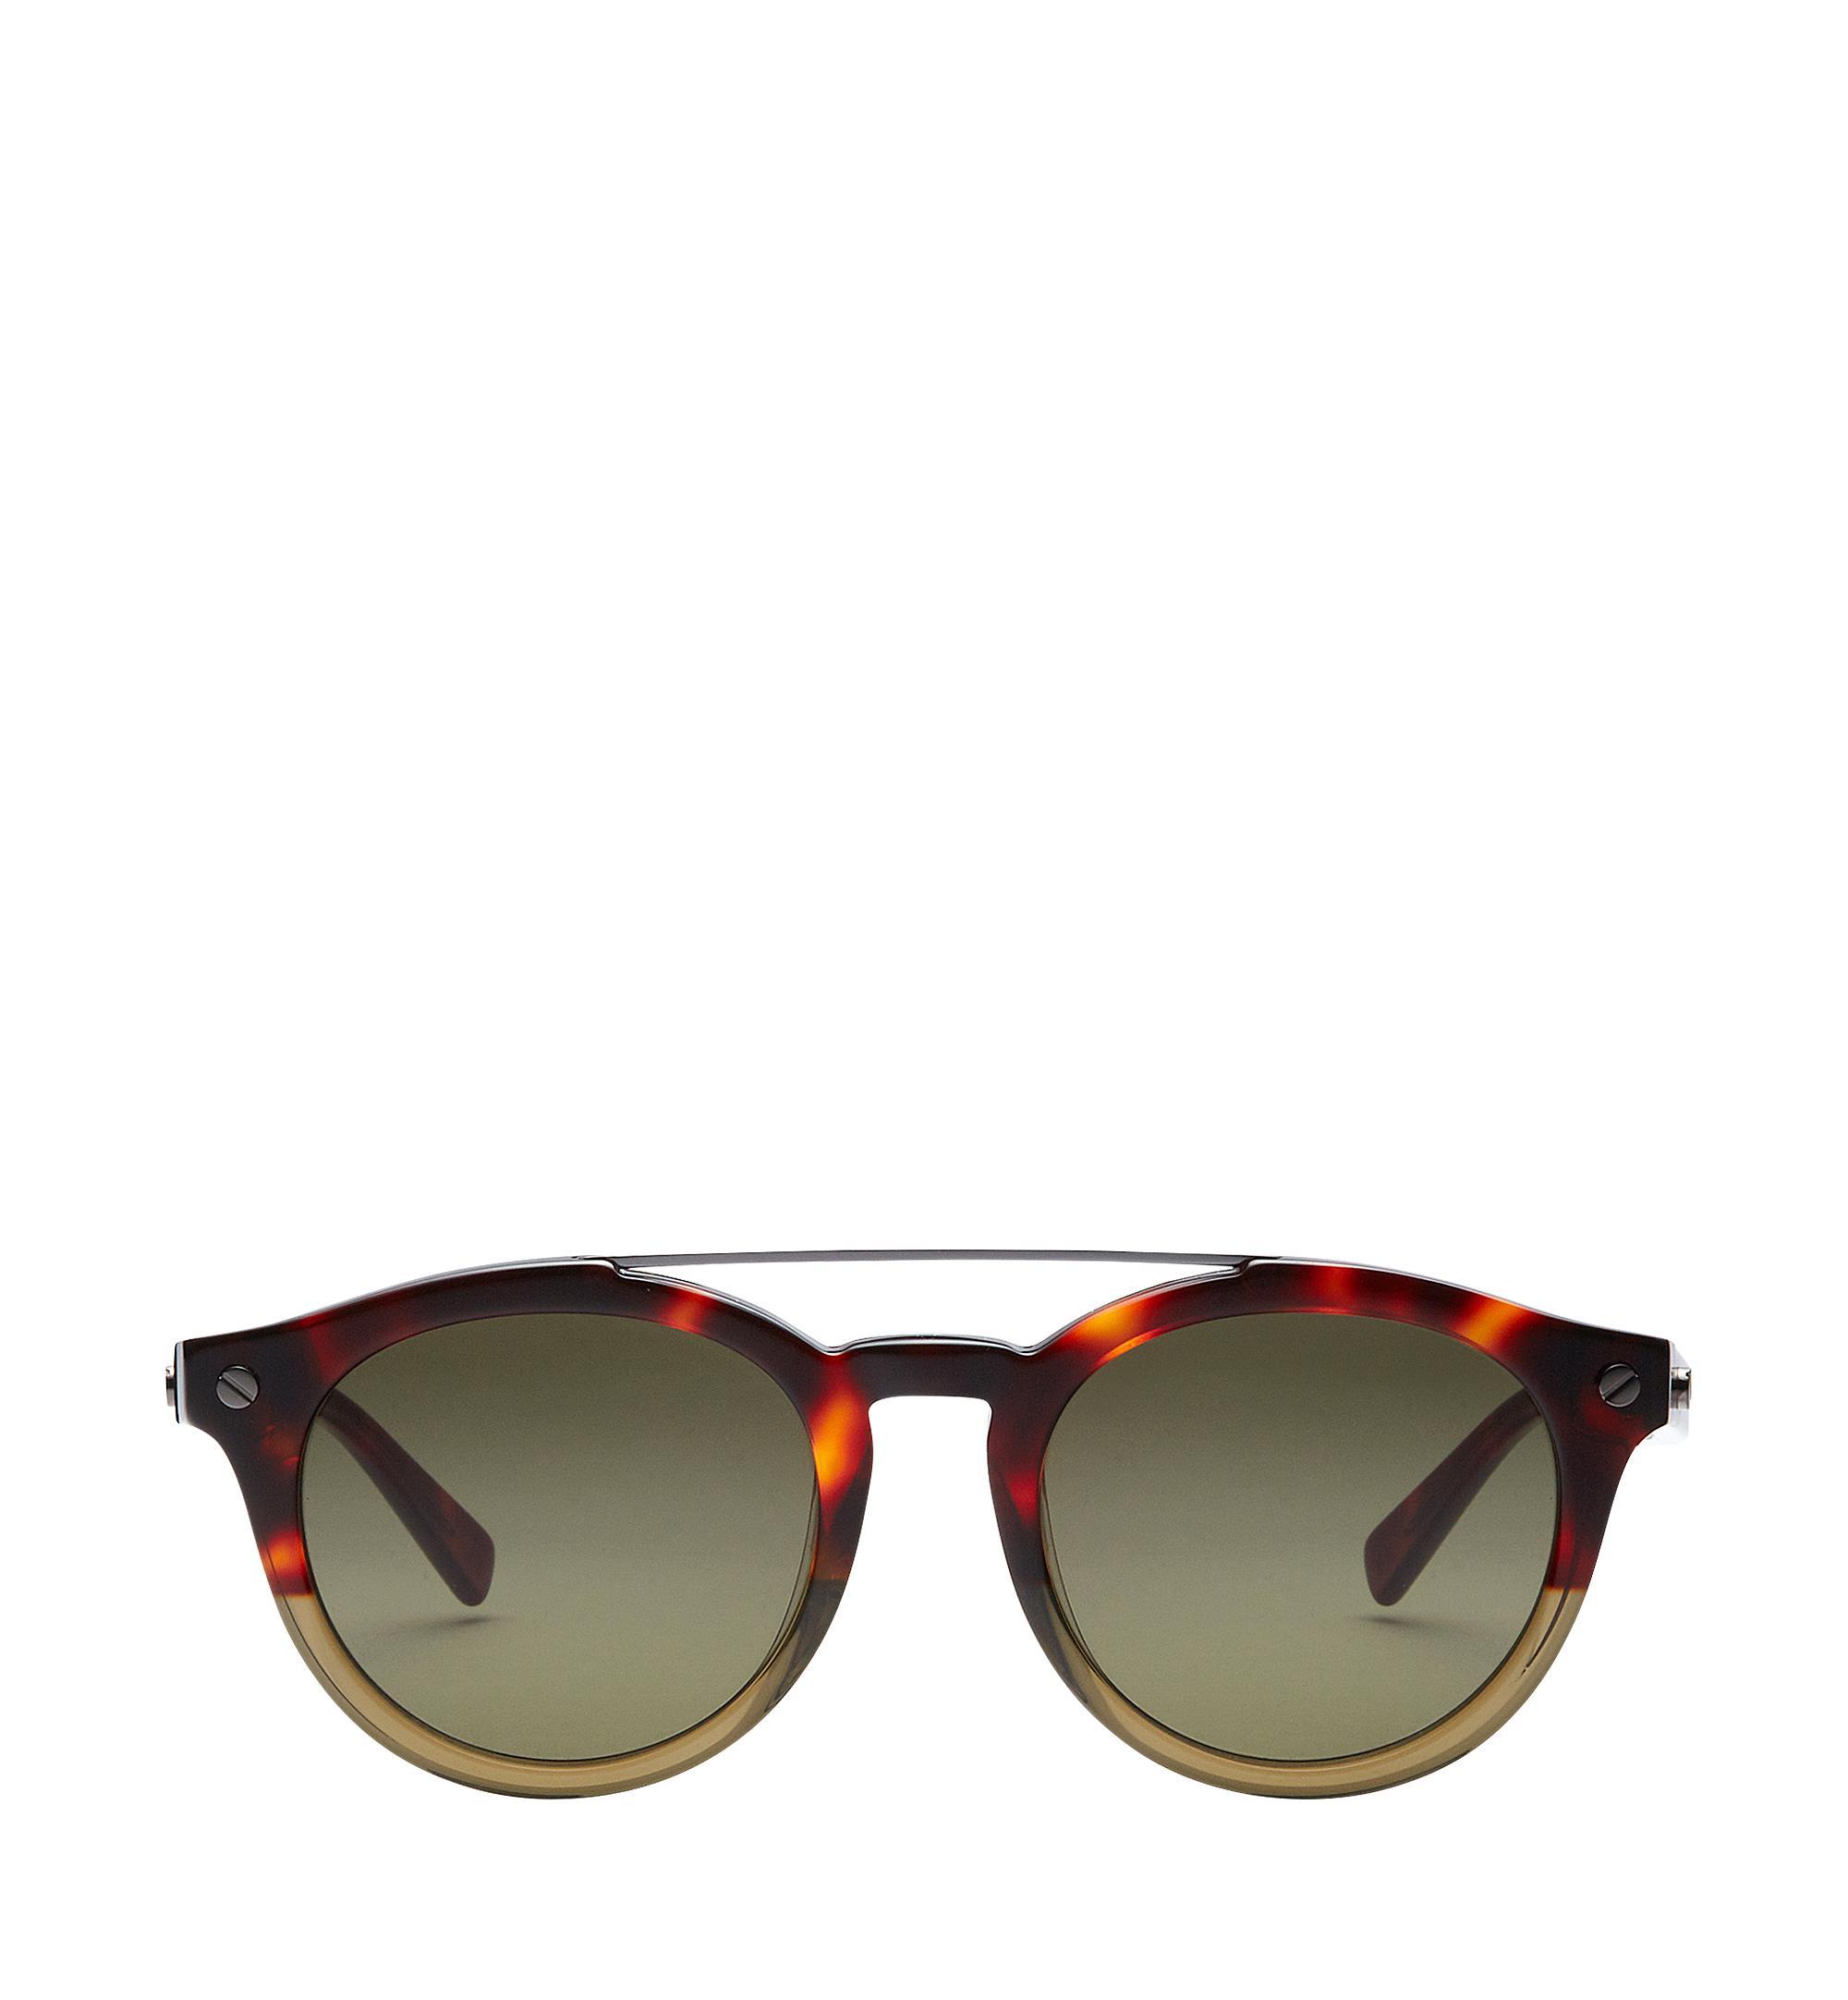 Mcm Round Aviator Sunglasses In Havana